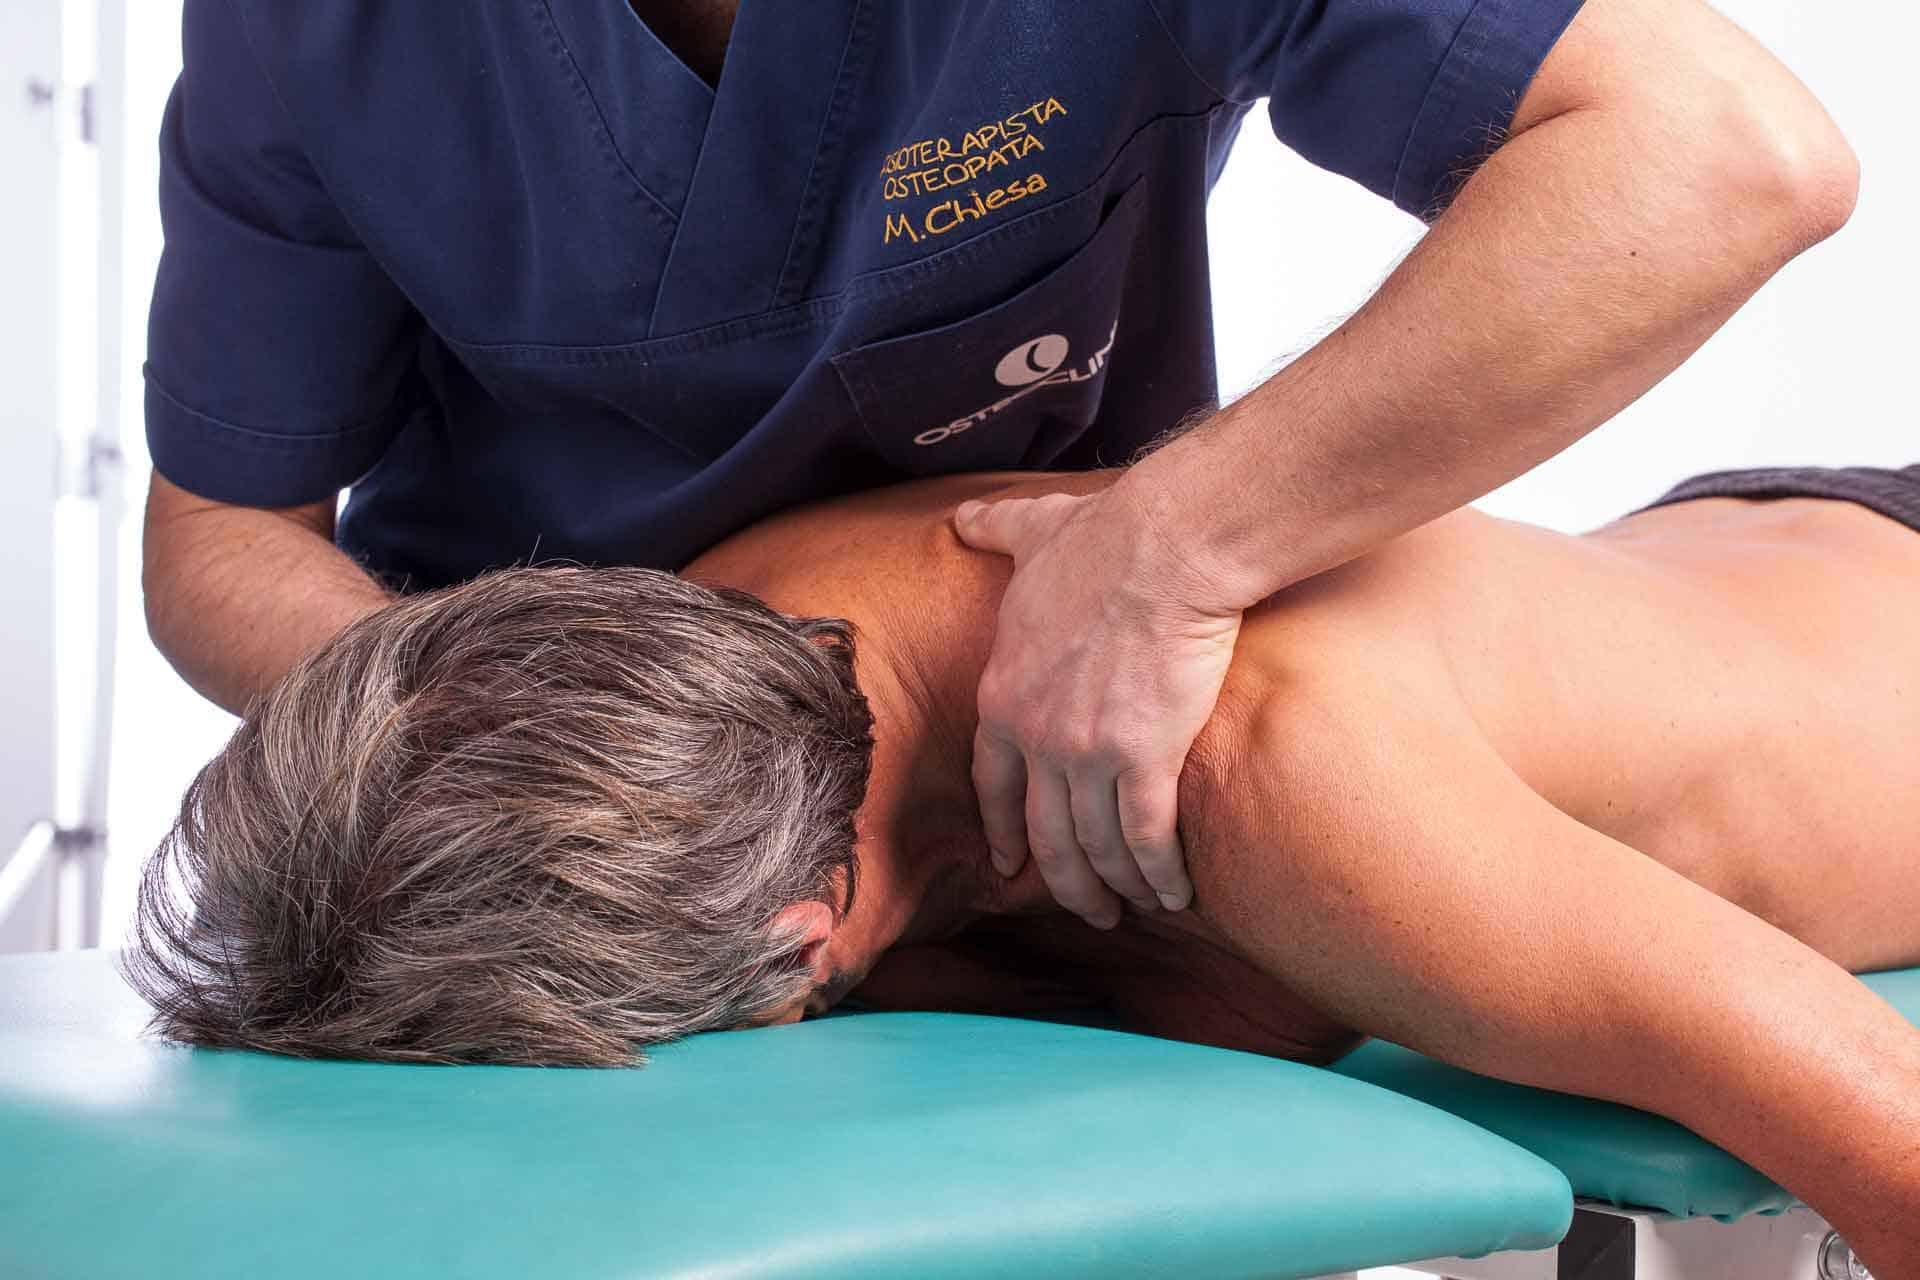 Dolore e stress: manipolazione vertebrale Brescia